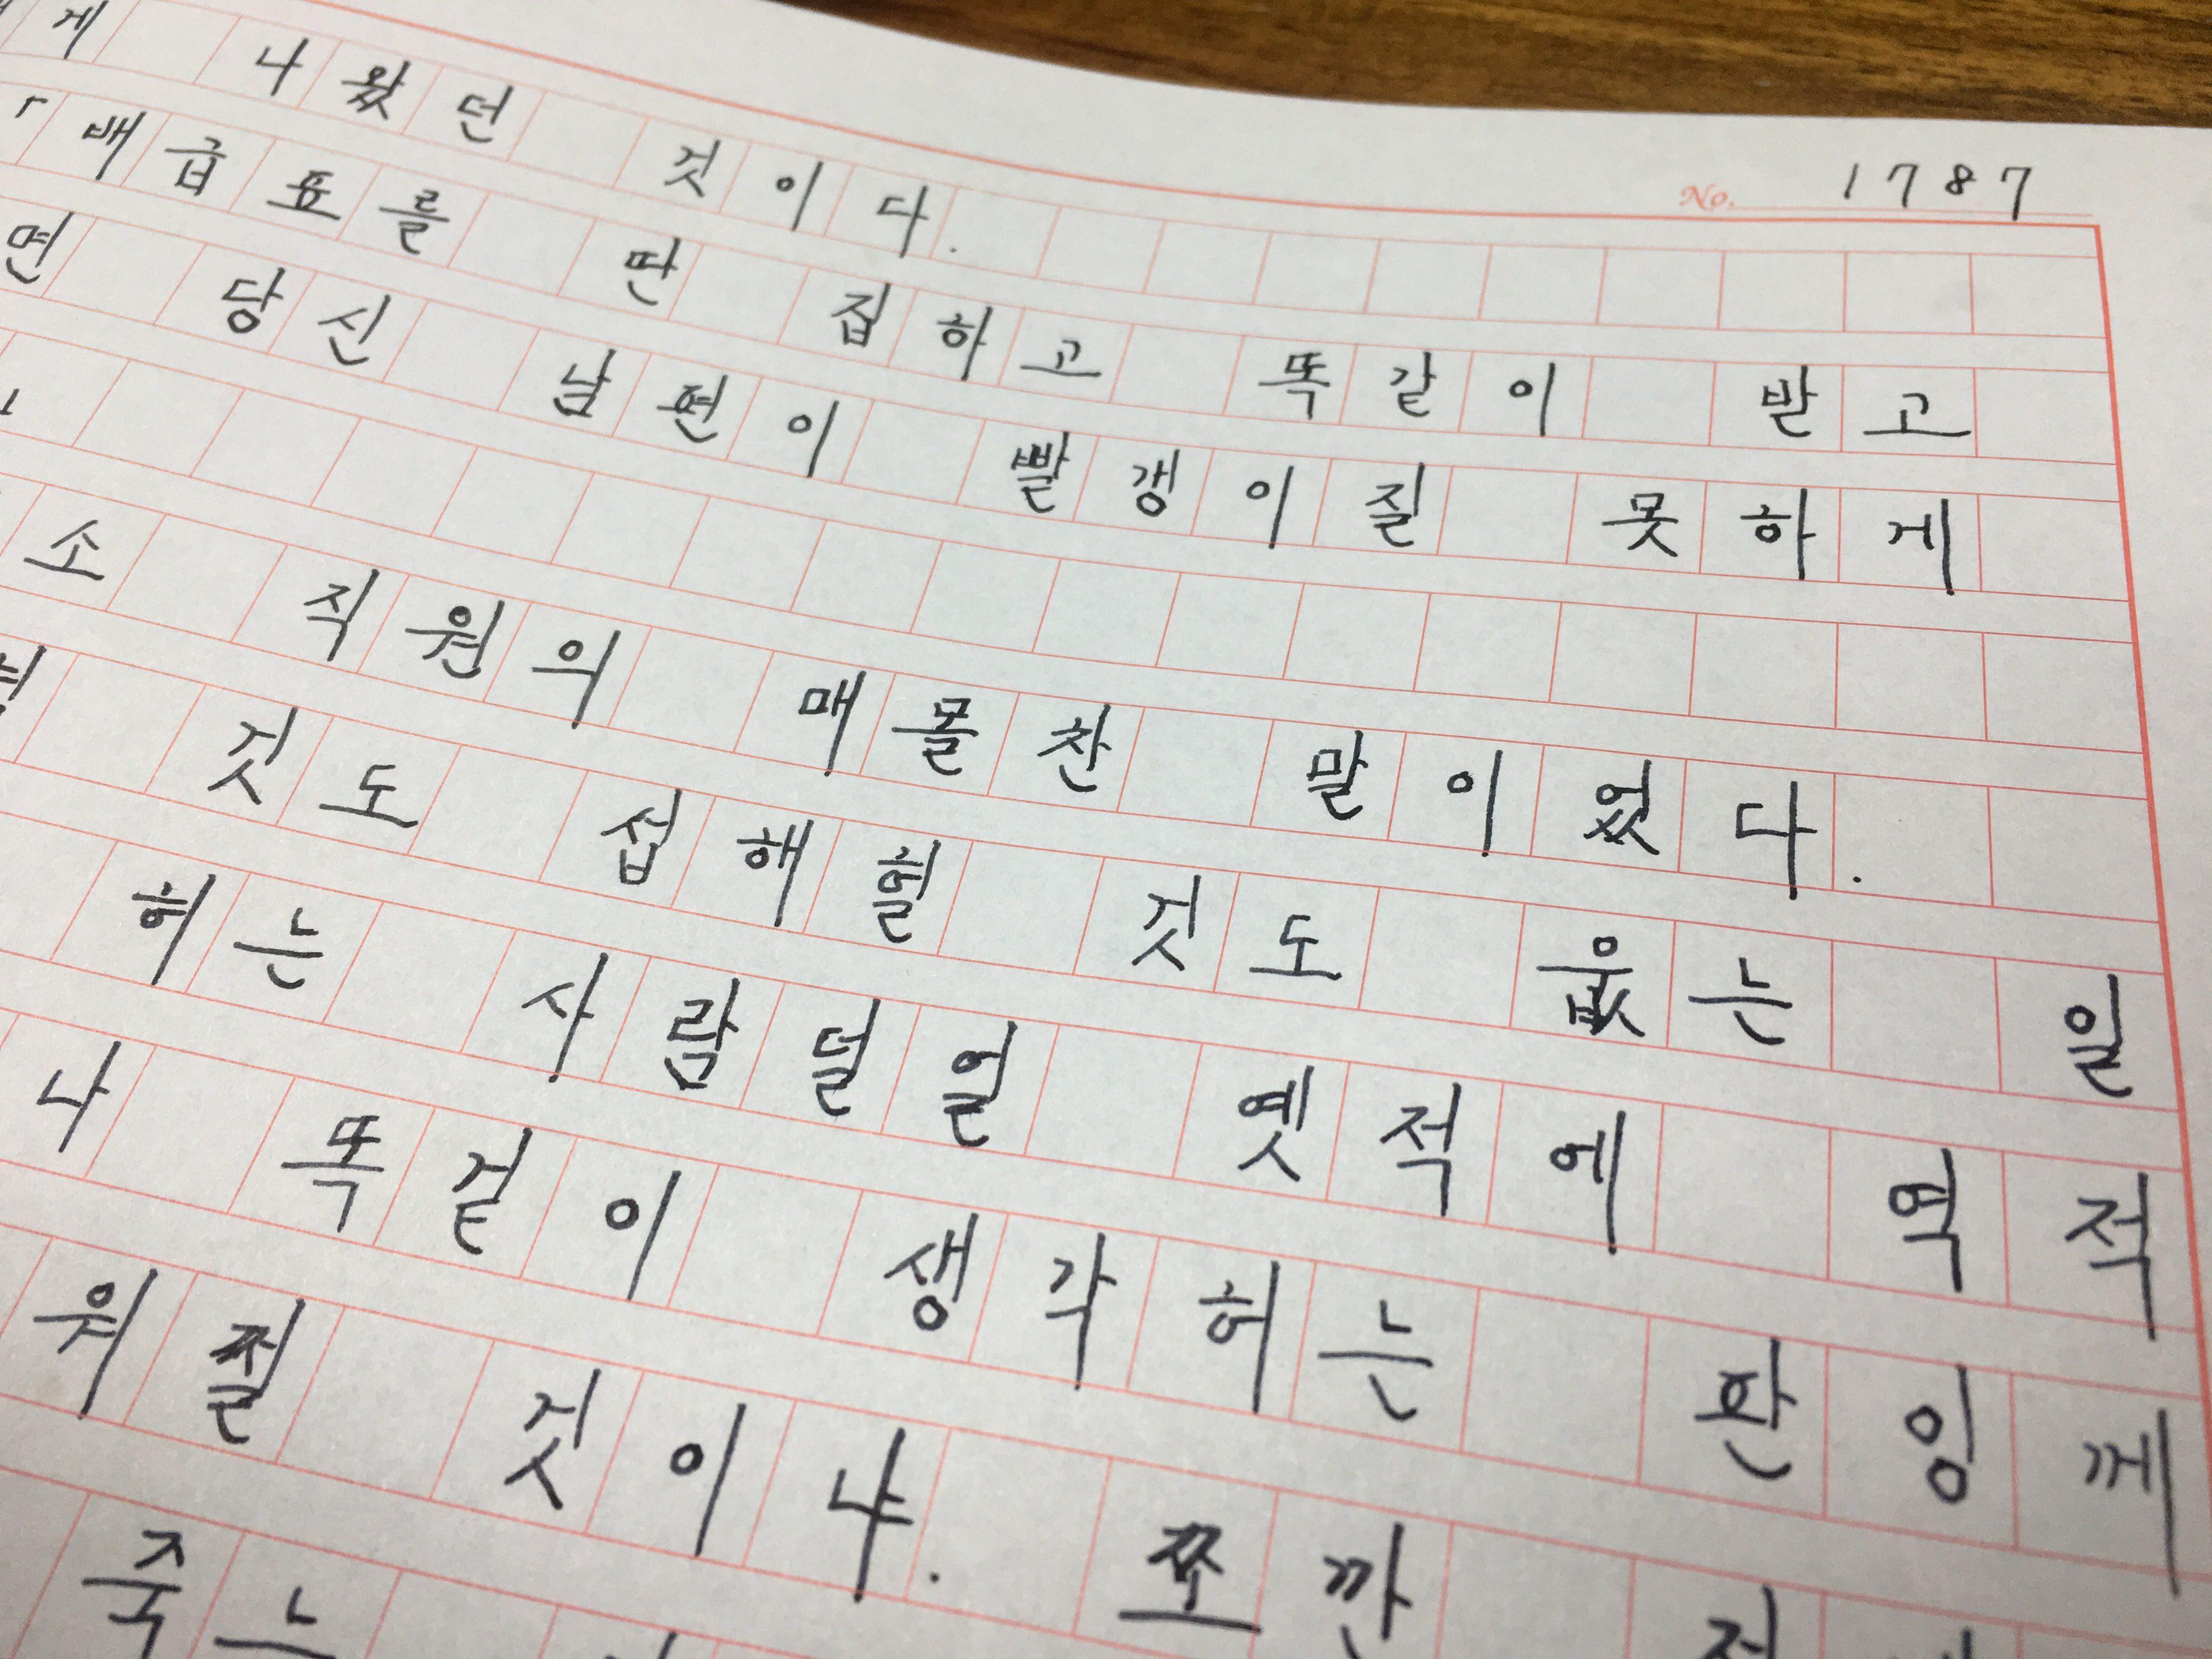 소설 태백산맥 원고지 필사